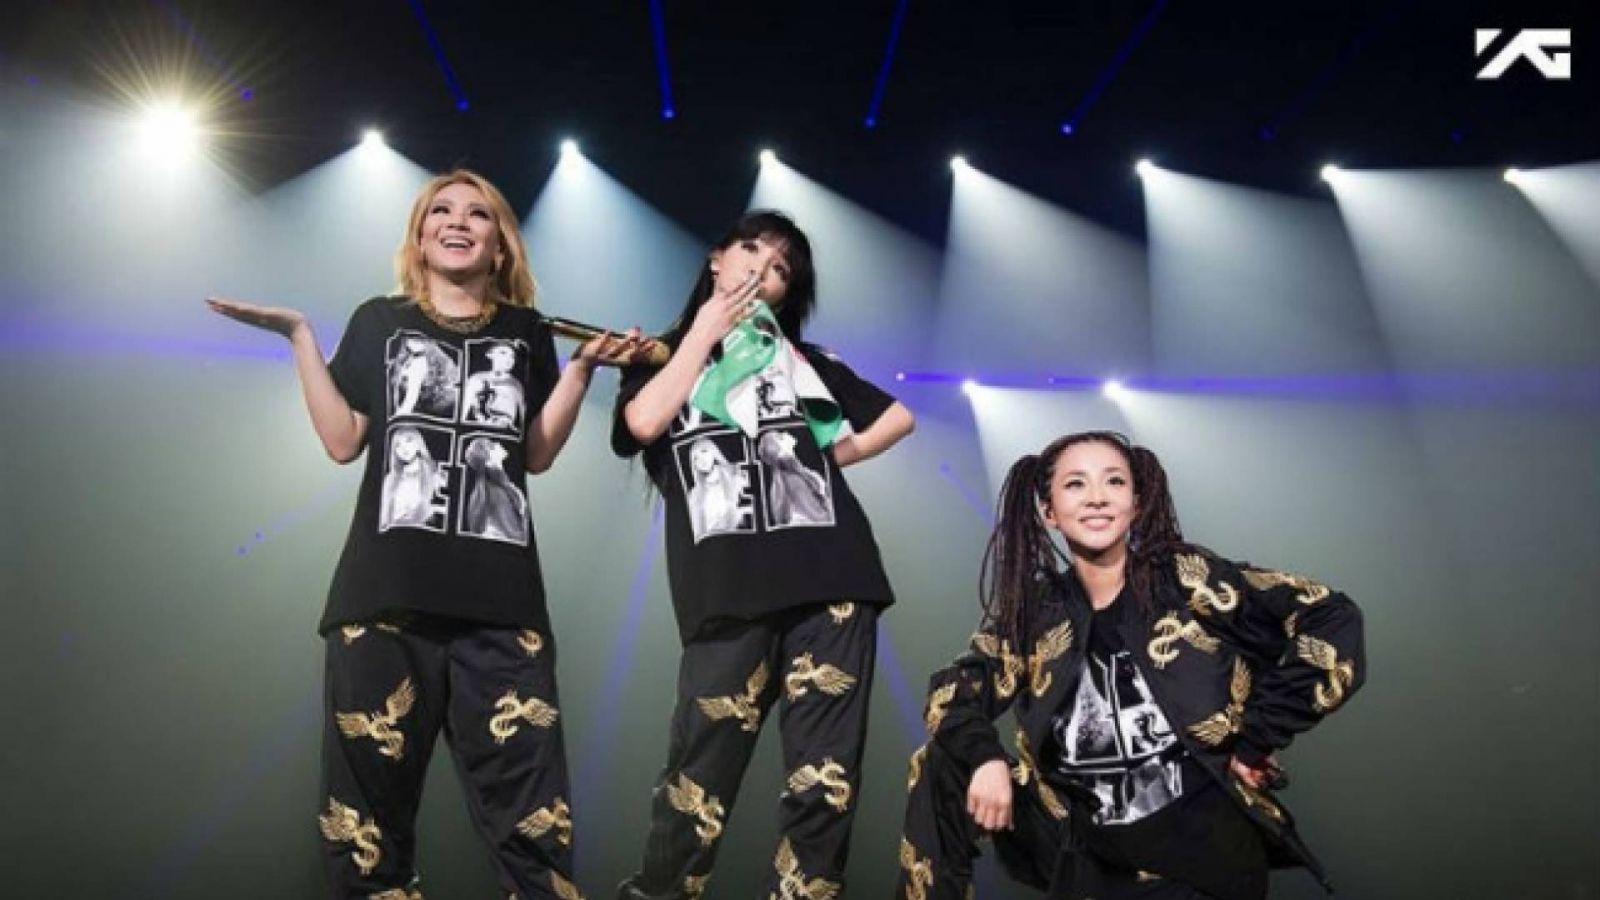 2NE1 julkaisee jäähyväissinkun © YG Entertainment. All Rights Reserved.